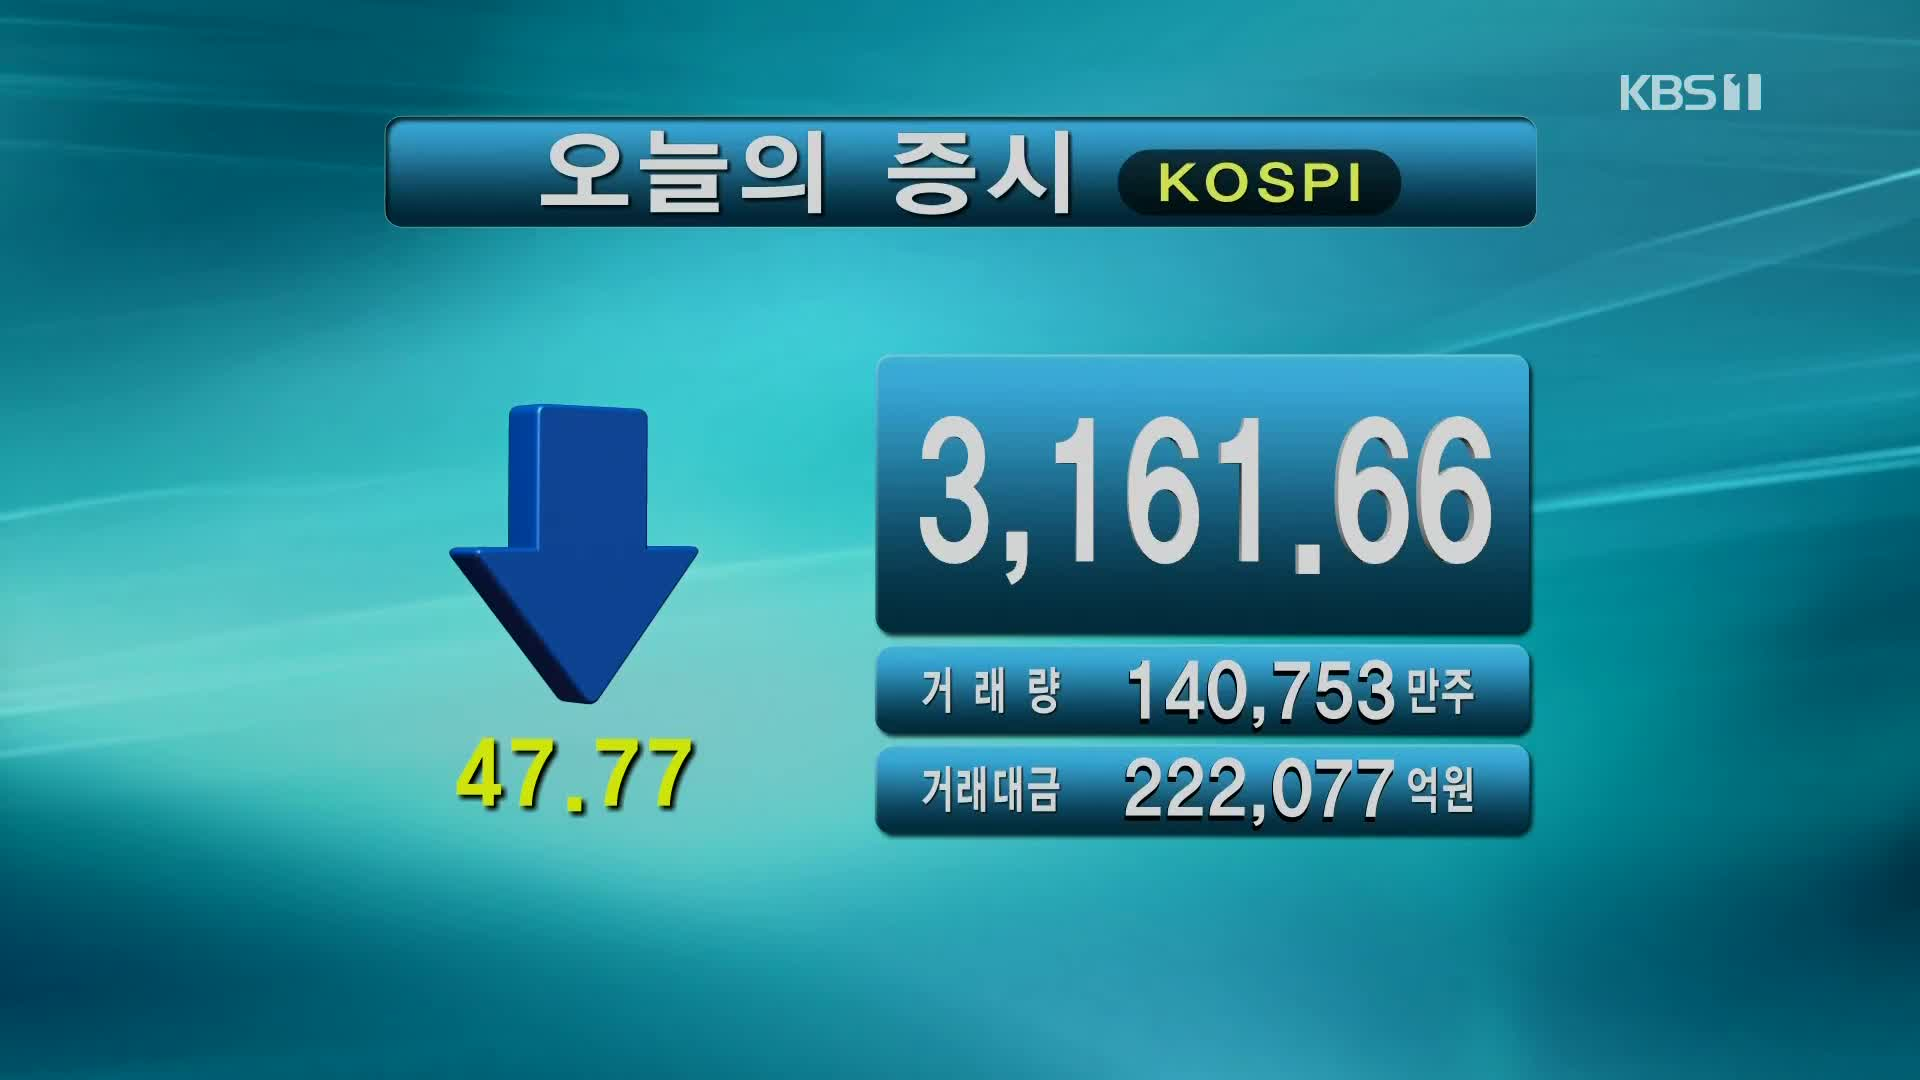 코스피 3,161.66 코스닥 967.10